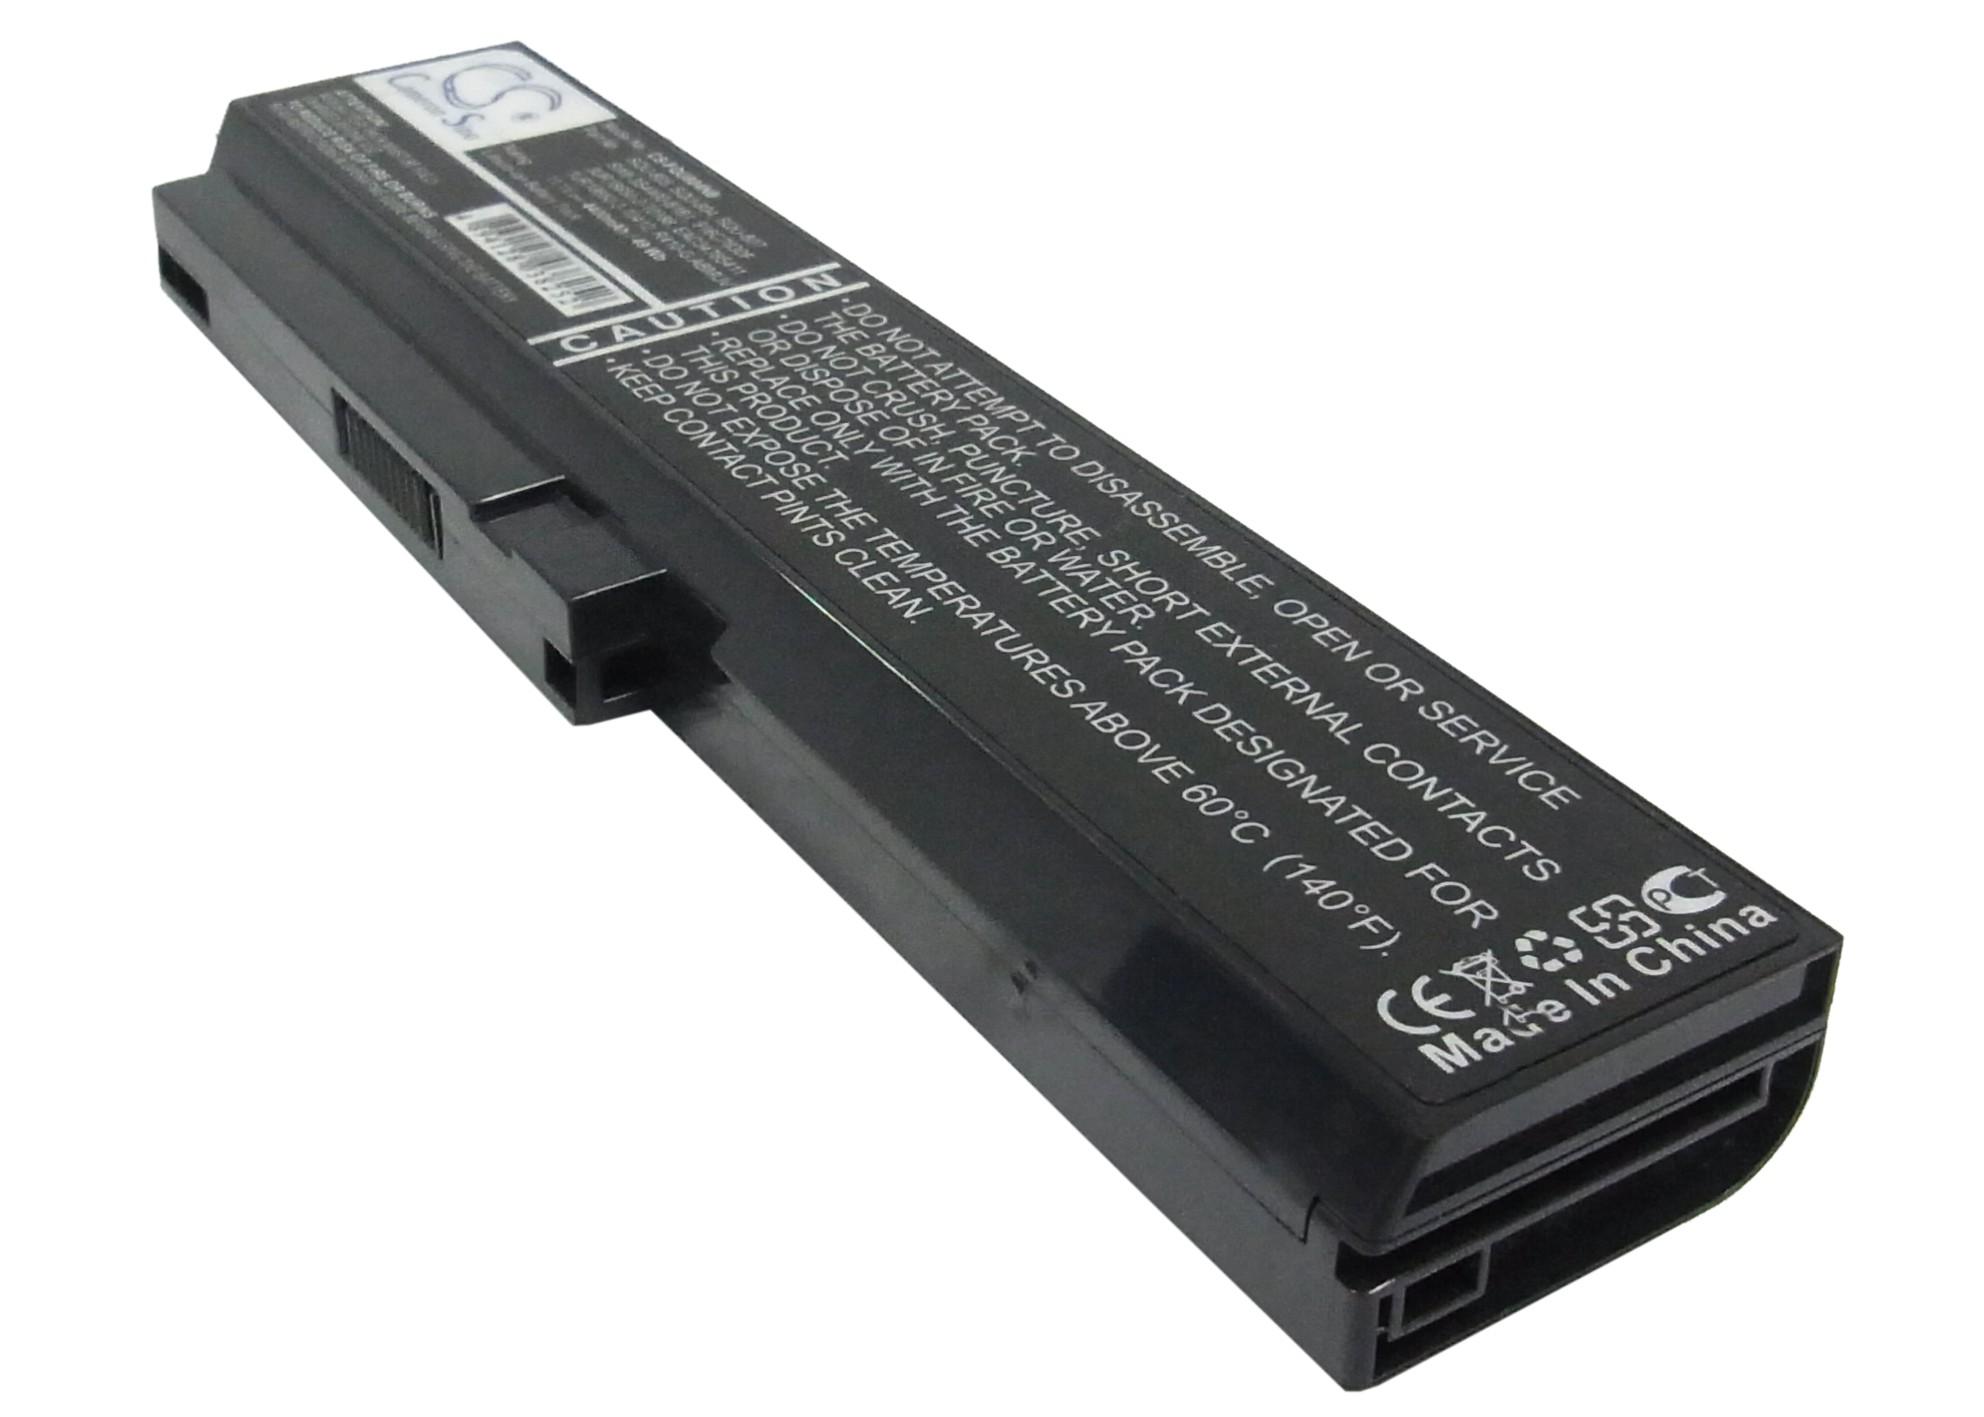 Cameron Sino baterie do notebooků pro LG E210-M.CP20P 11.1V Li-ion 4400mAh černá - neoriginální